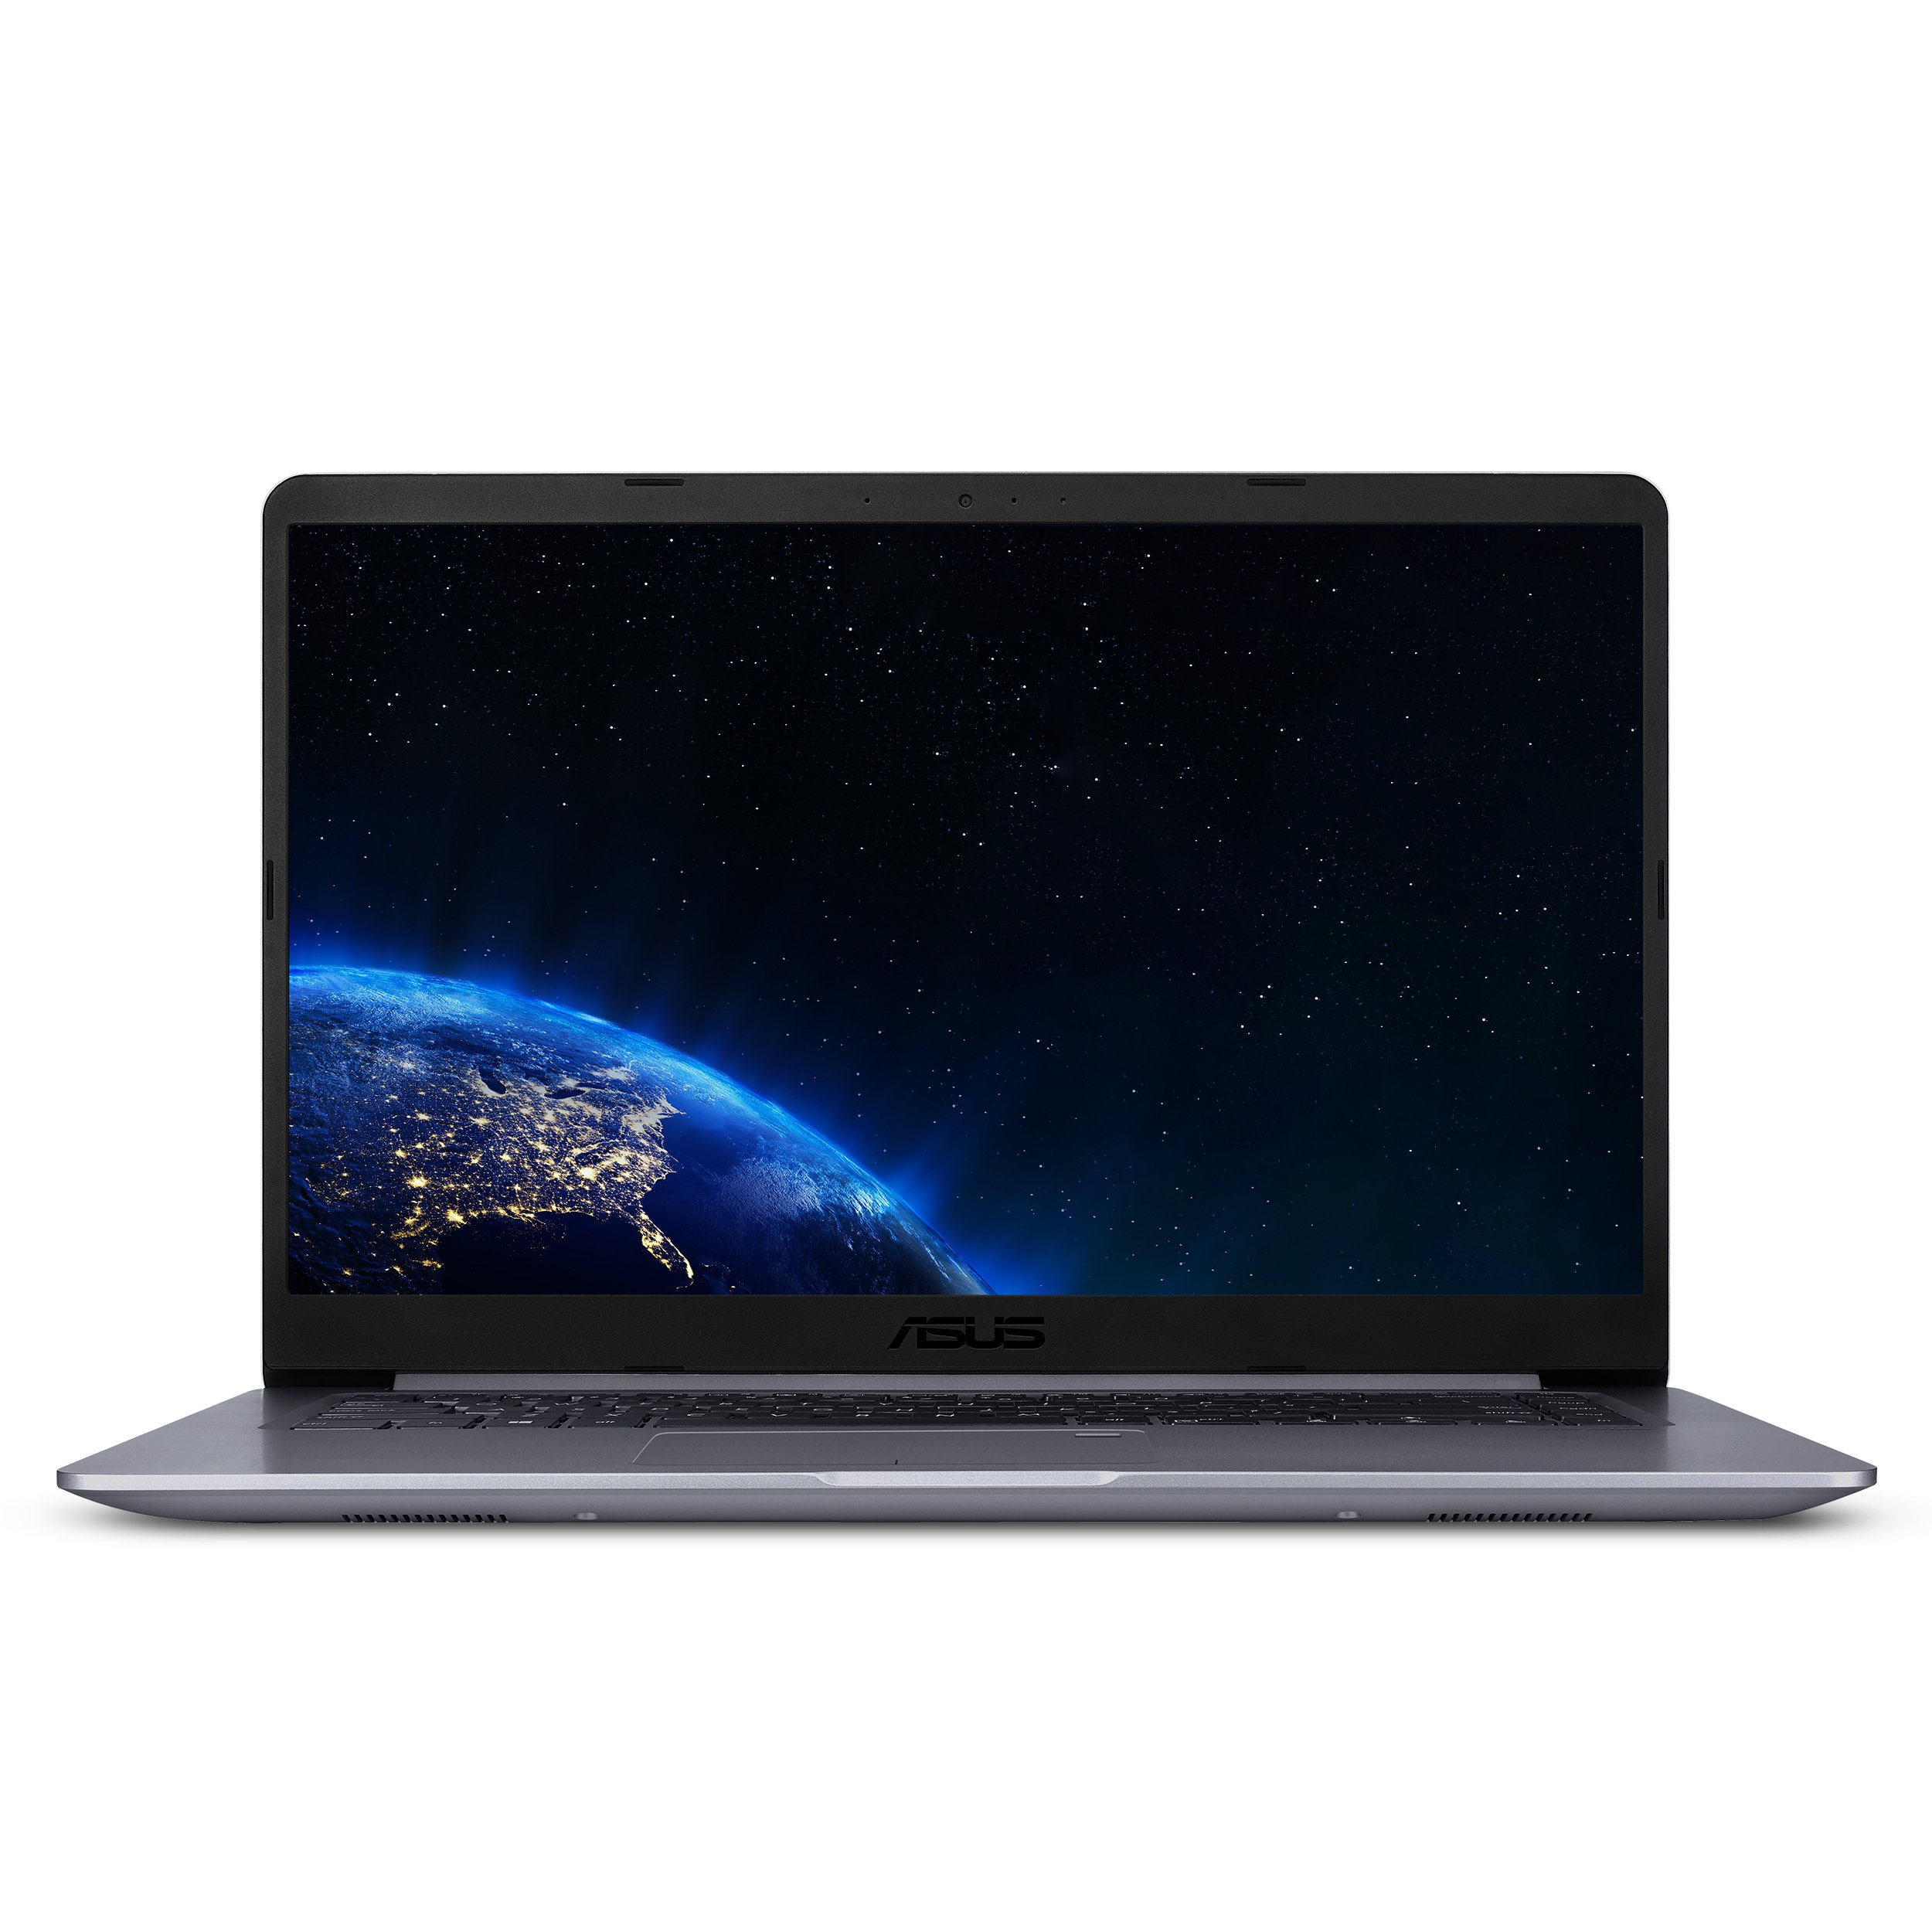 ASUS VivoBook WideView A12 9720P Fingerprint